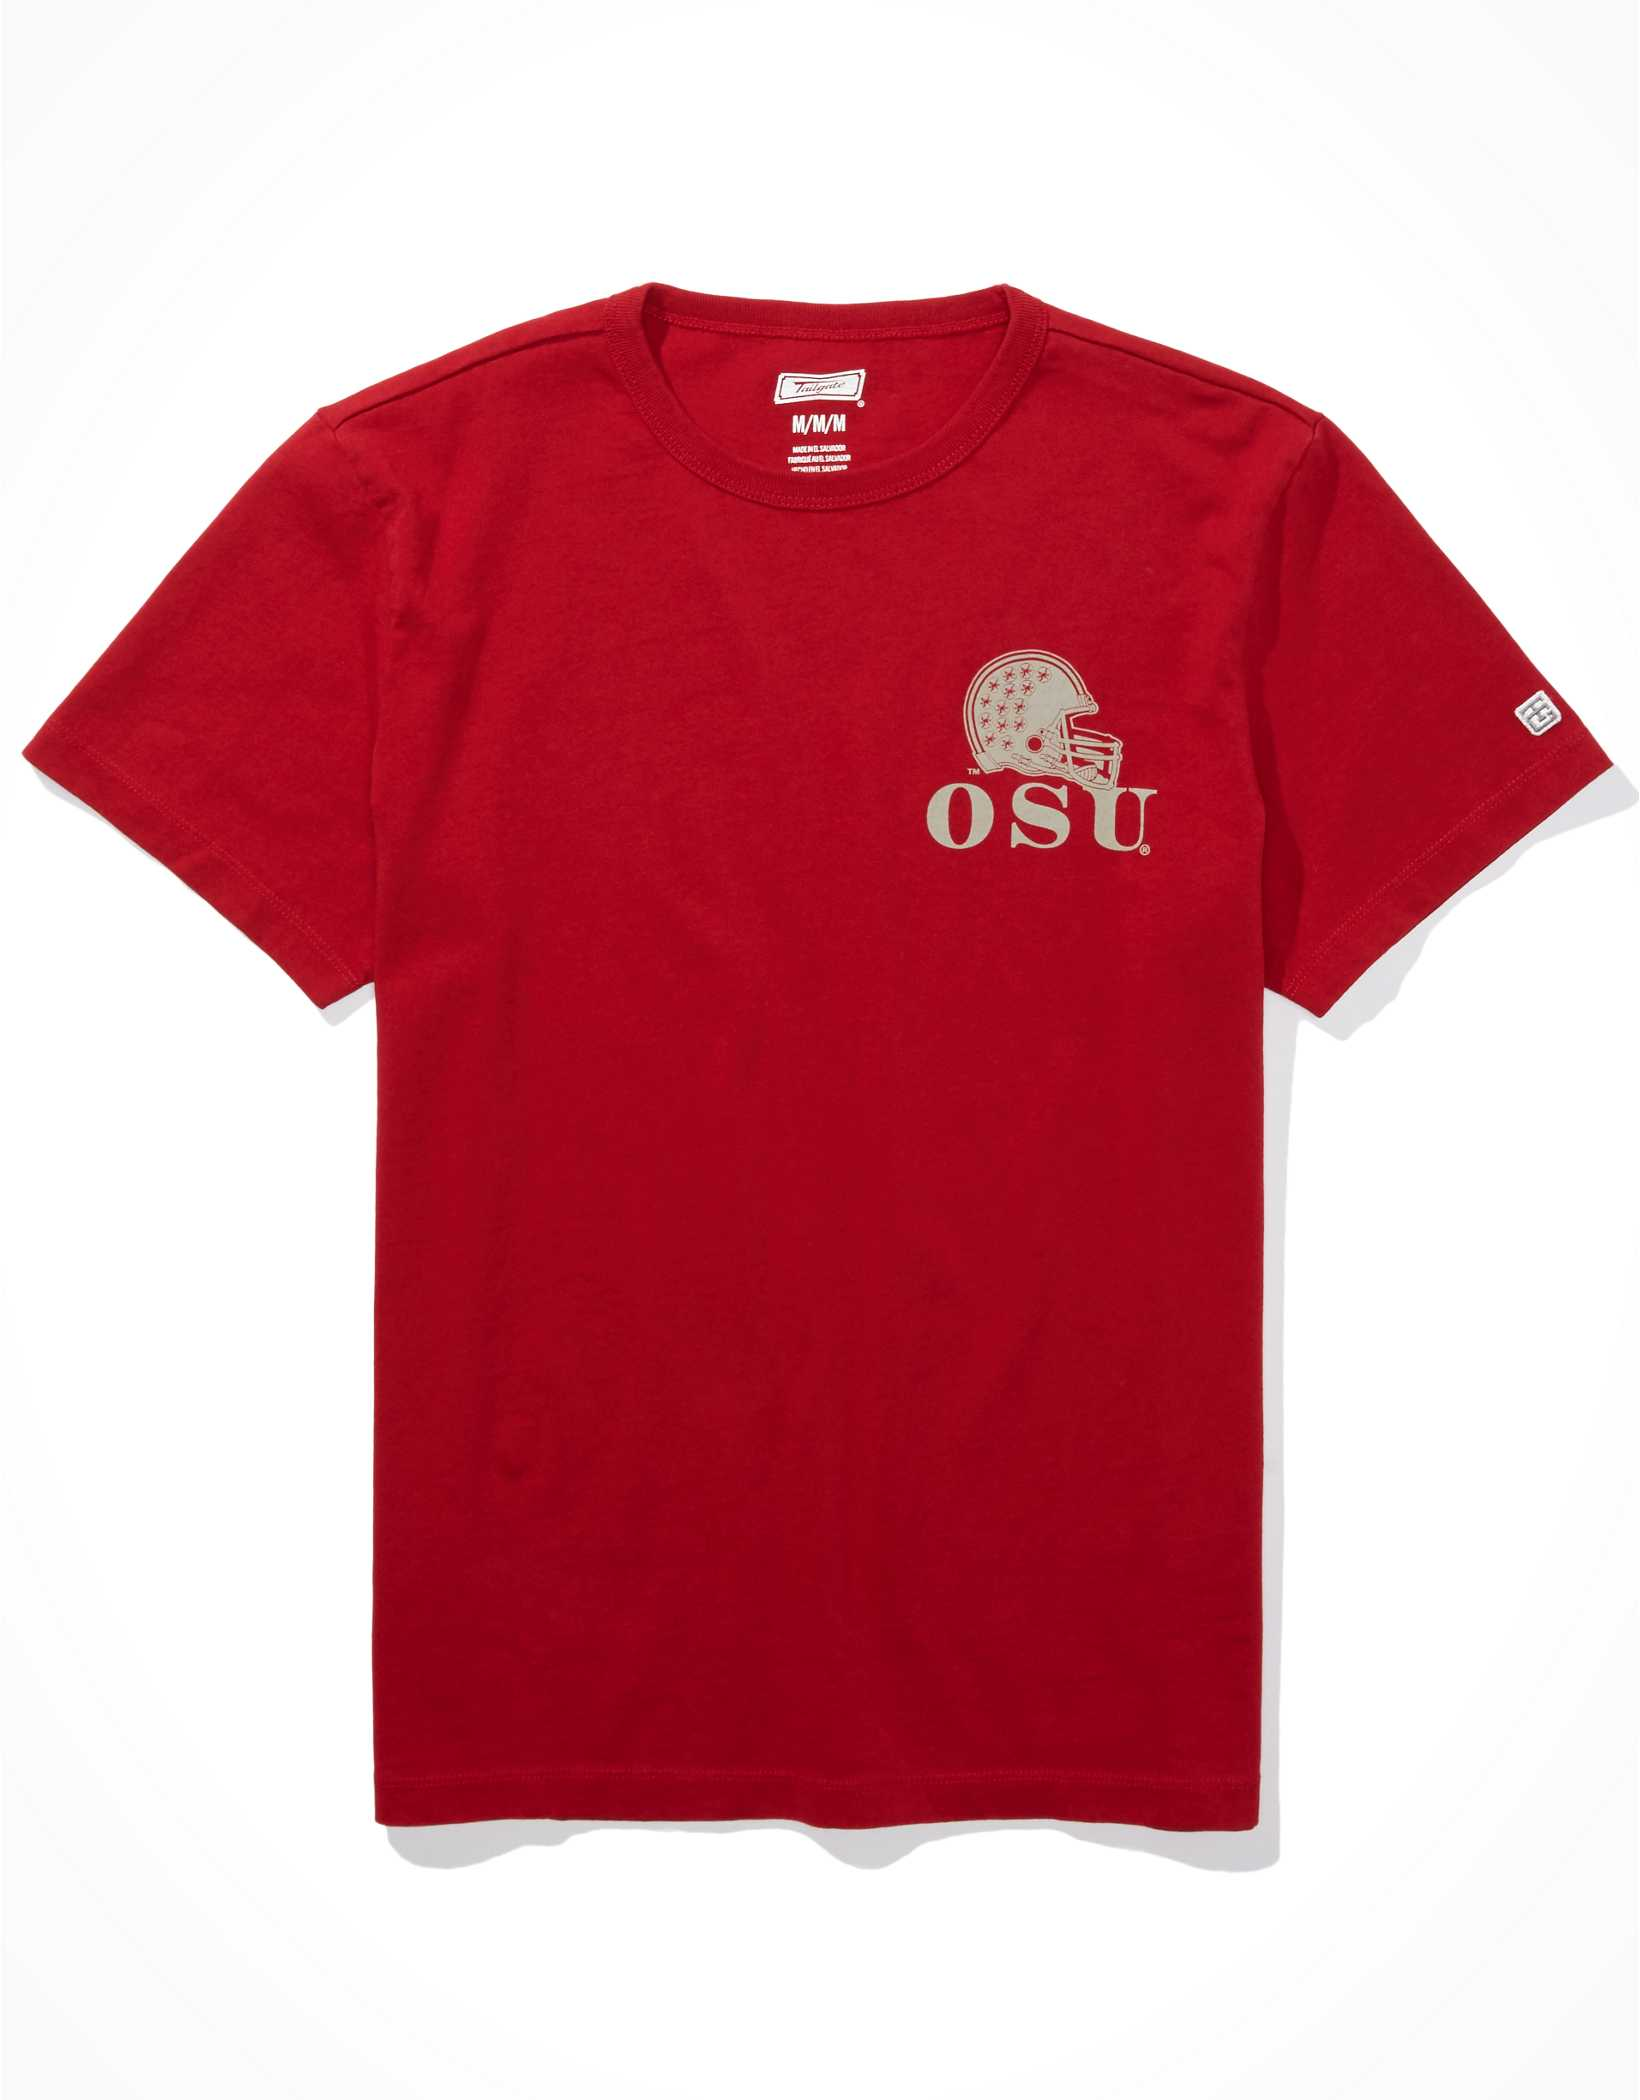 Tailgate Men's OSU Buckeyes Graphic T-Shirt